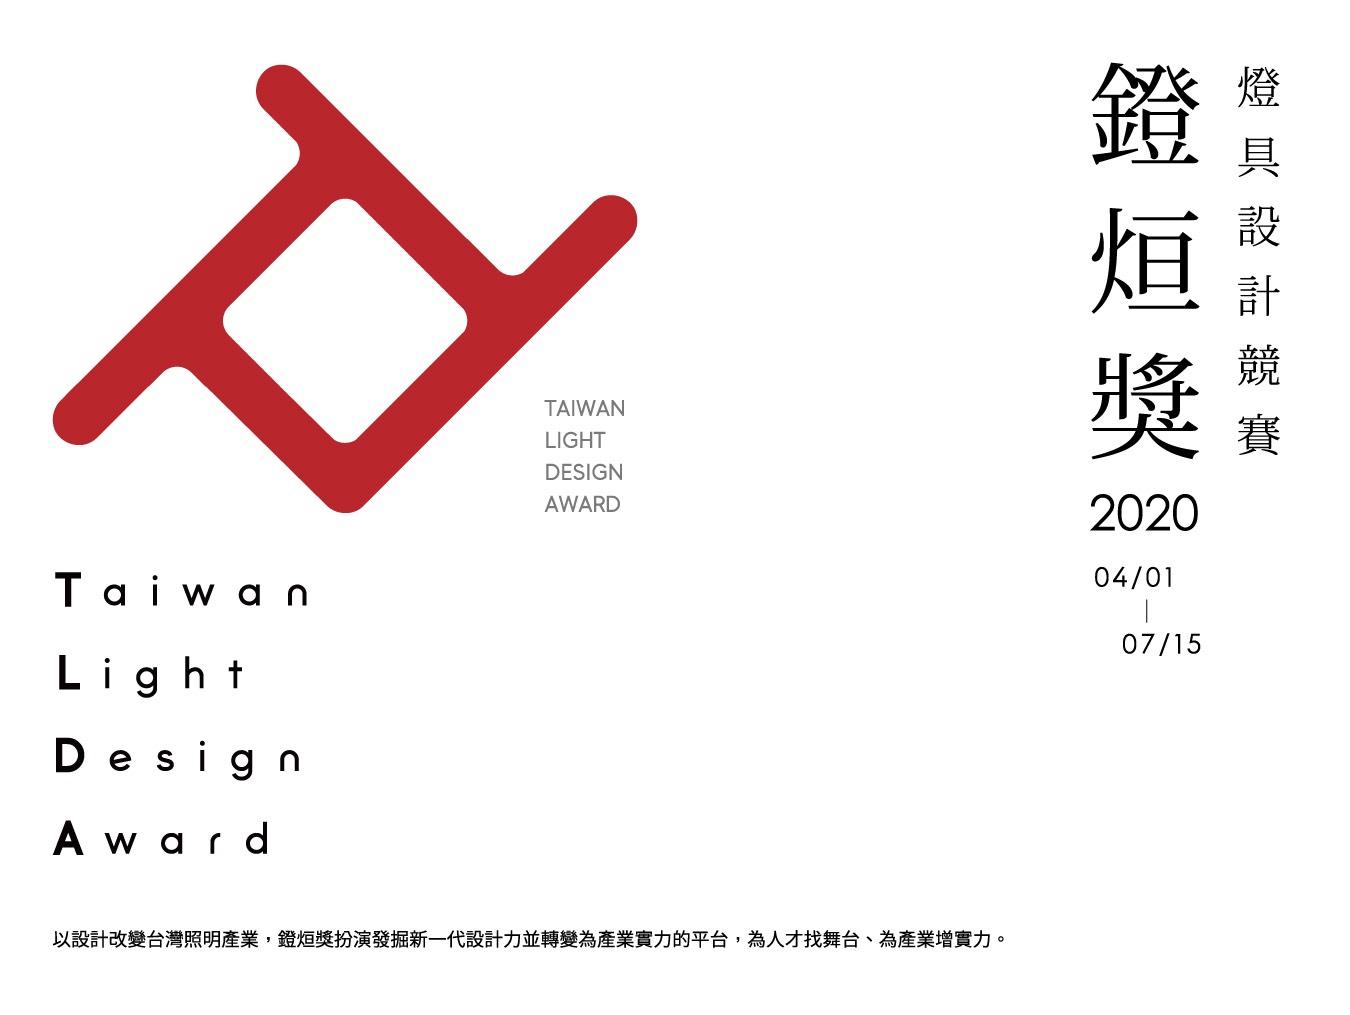 鐙烜獎燈具設計選拔 首獎獎金10萬元 廣邀各大專院校為台灣照明注入創新力